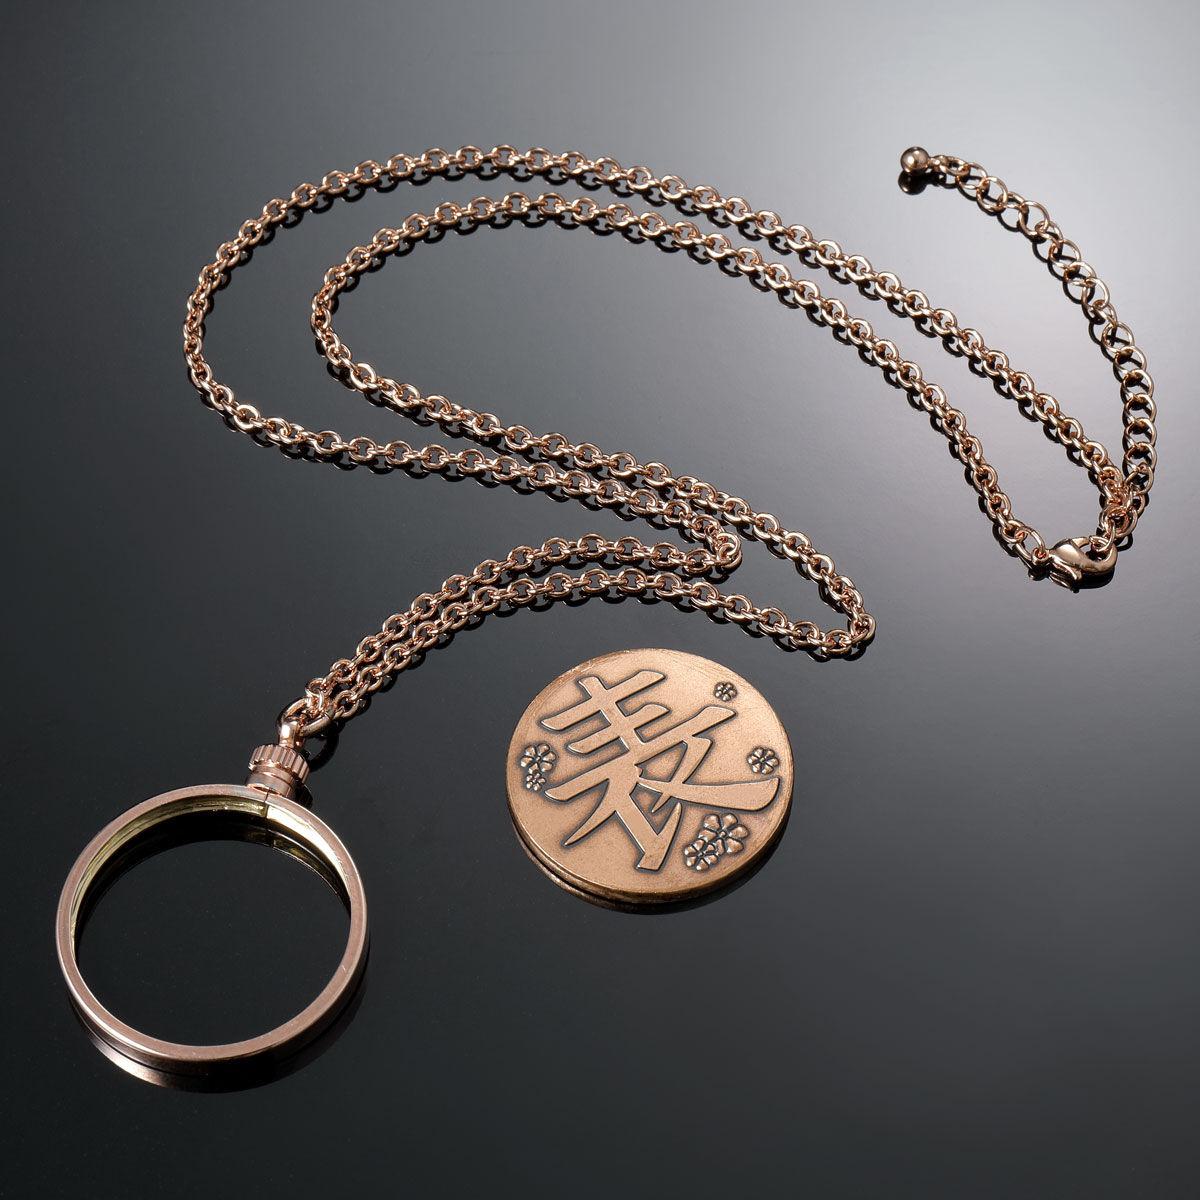 Demon Slayer: Kimetsu no Yaiba Kanao Tsuyuri Copper Coin Necklace